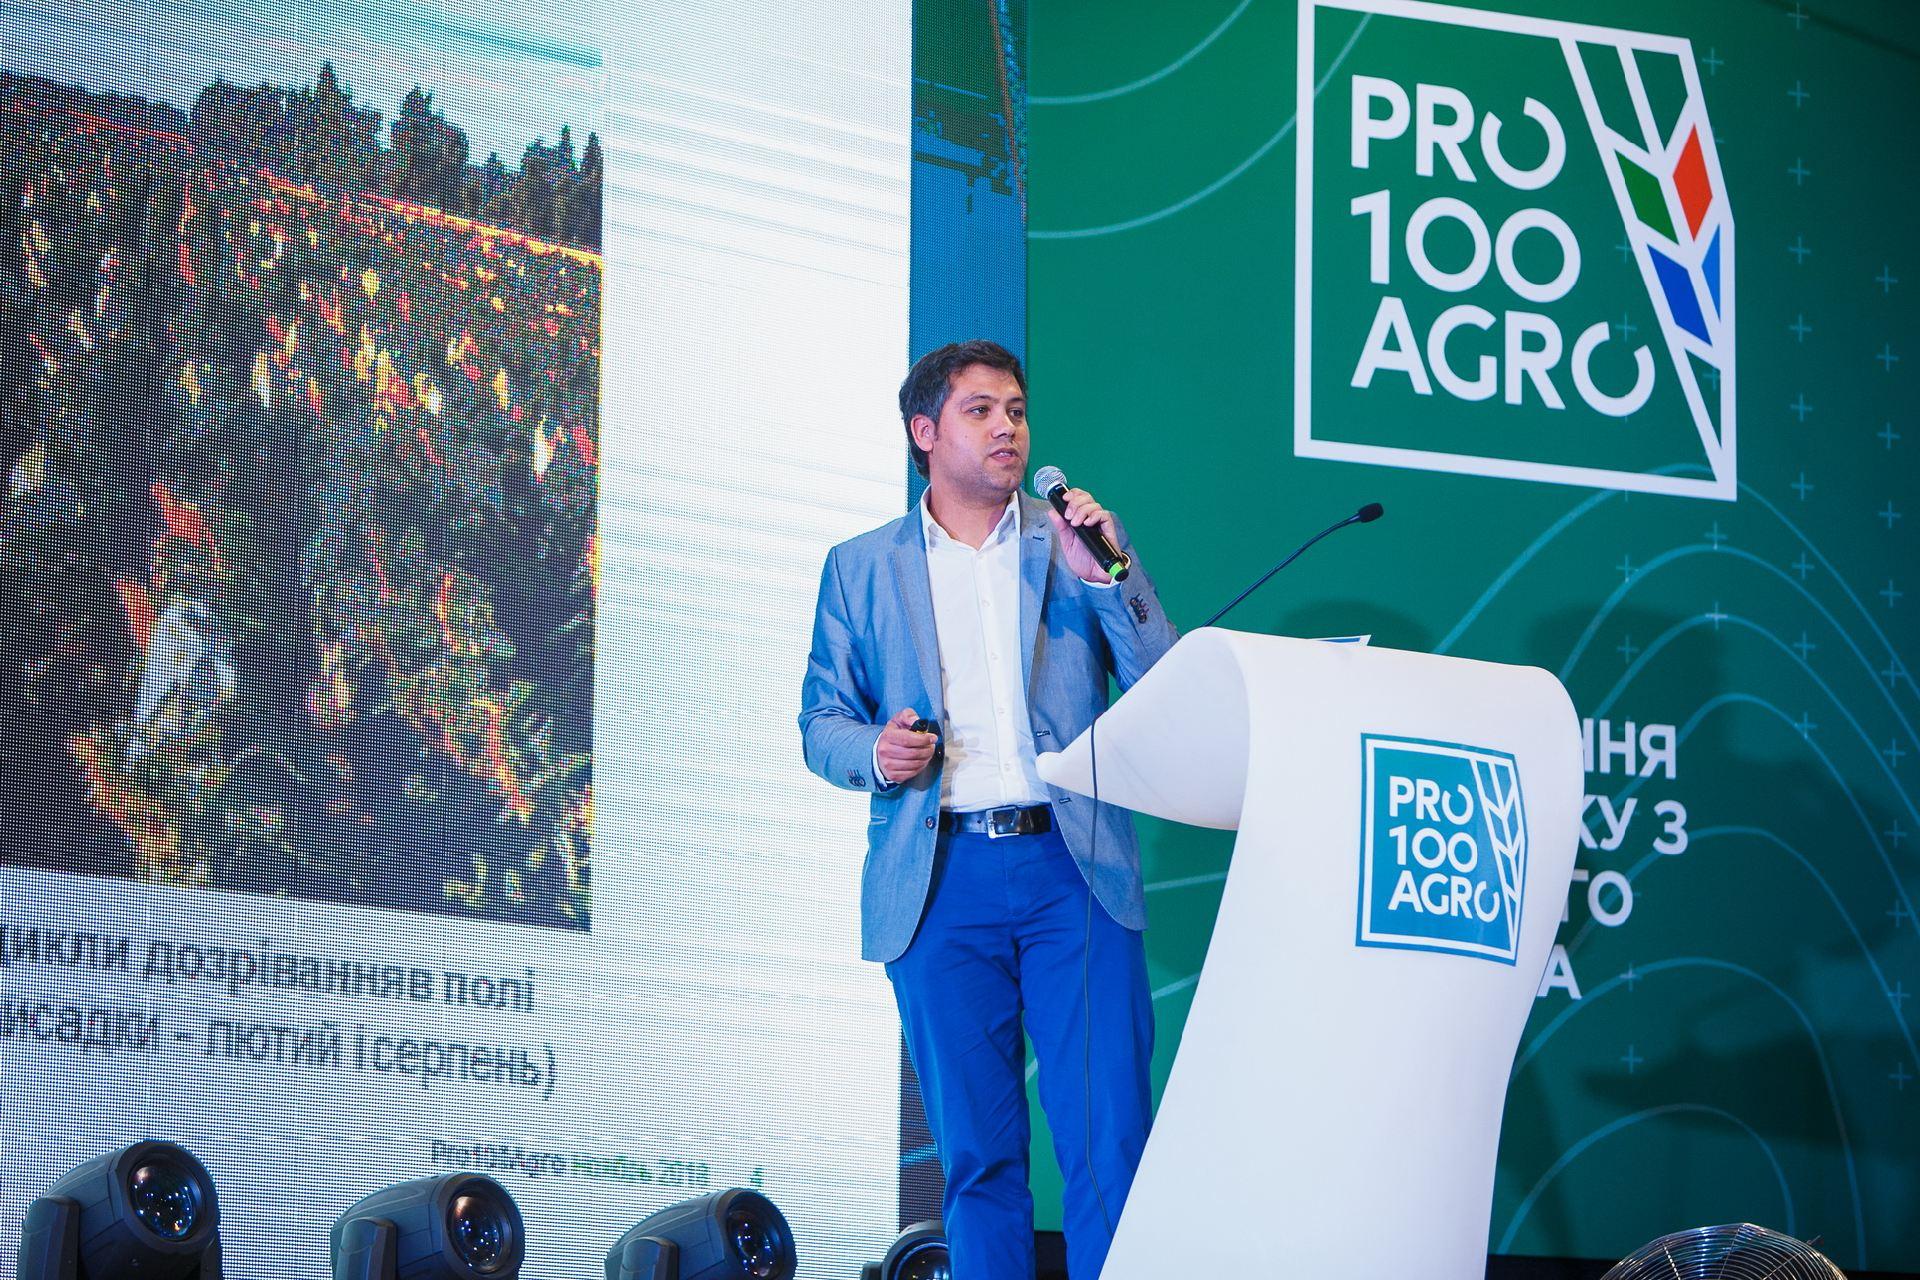 PRO100AGRO (384)